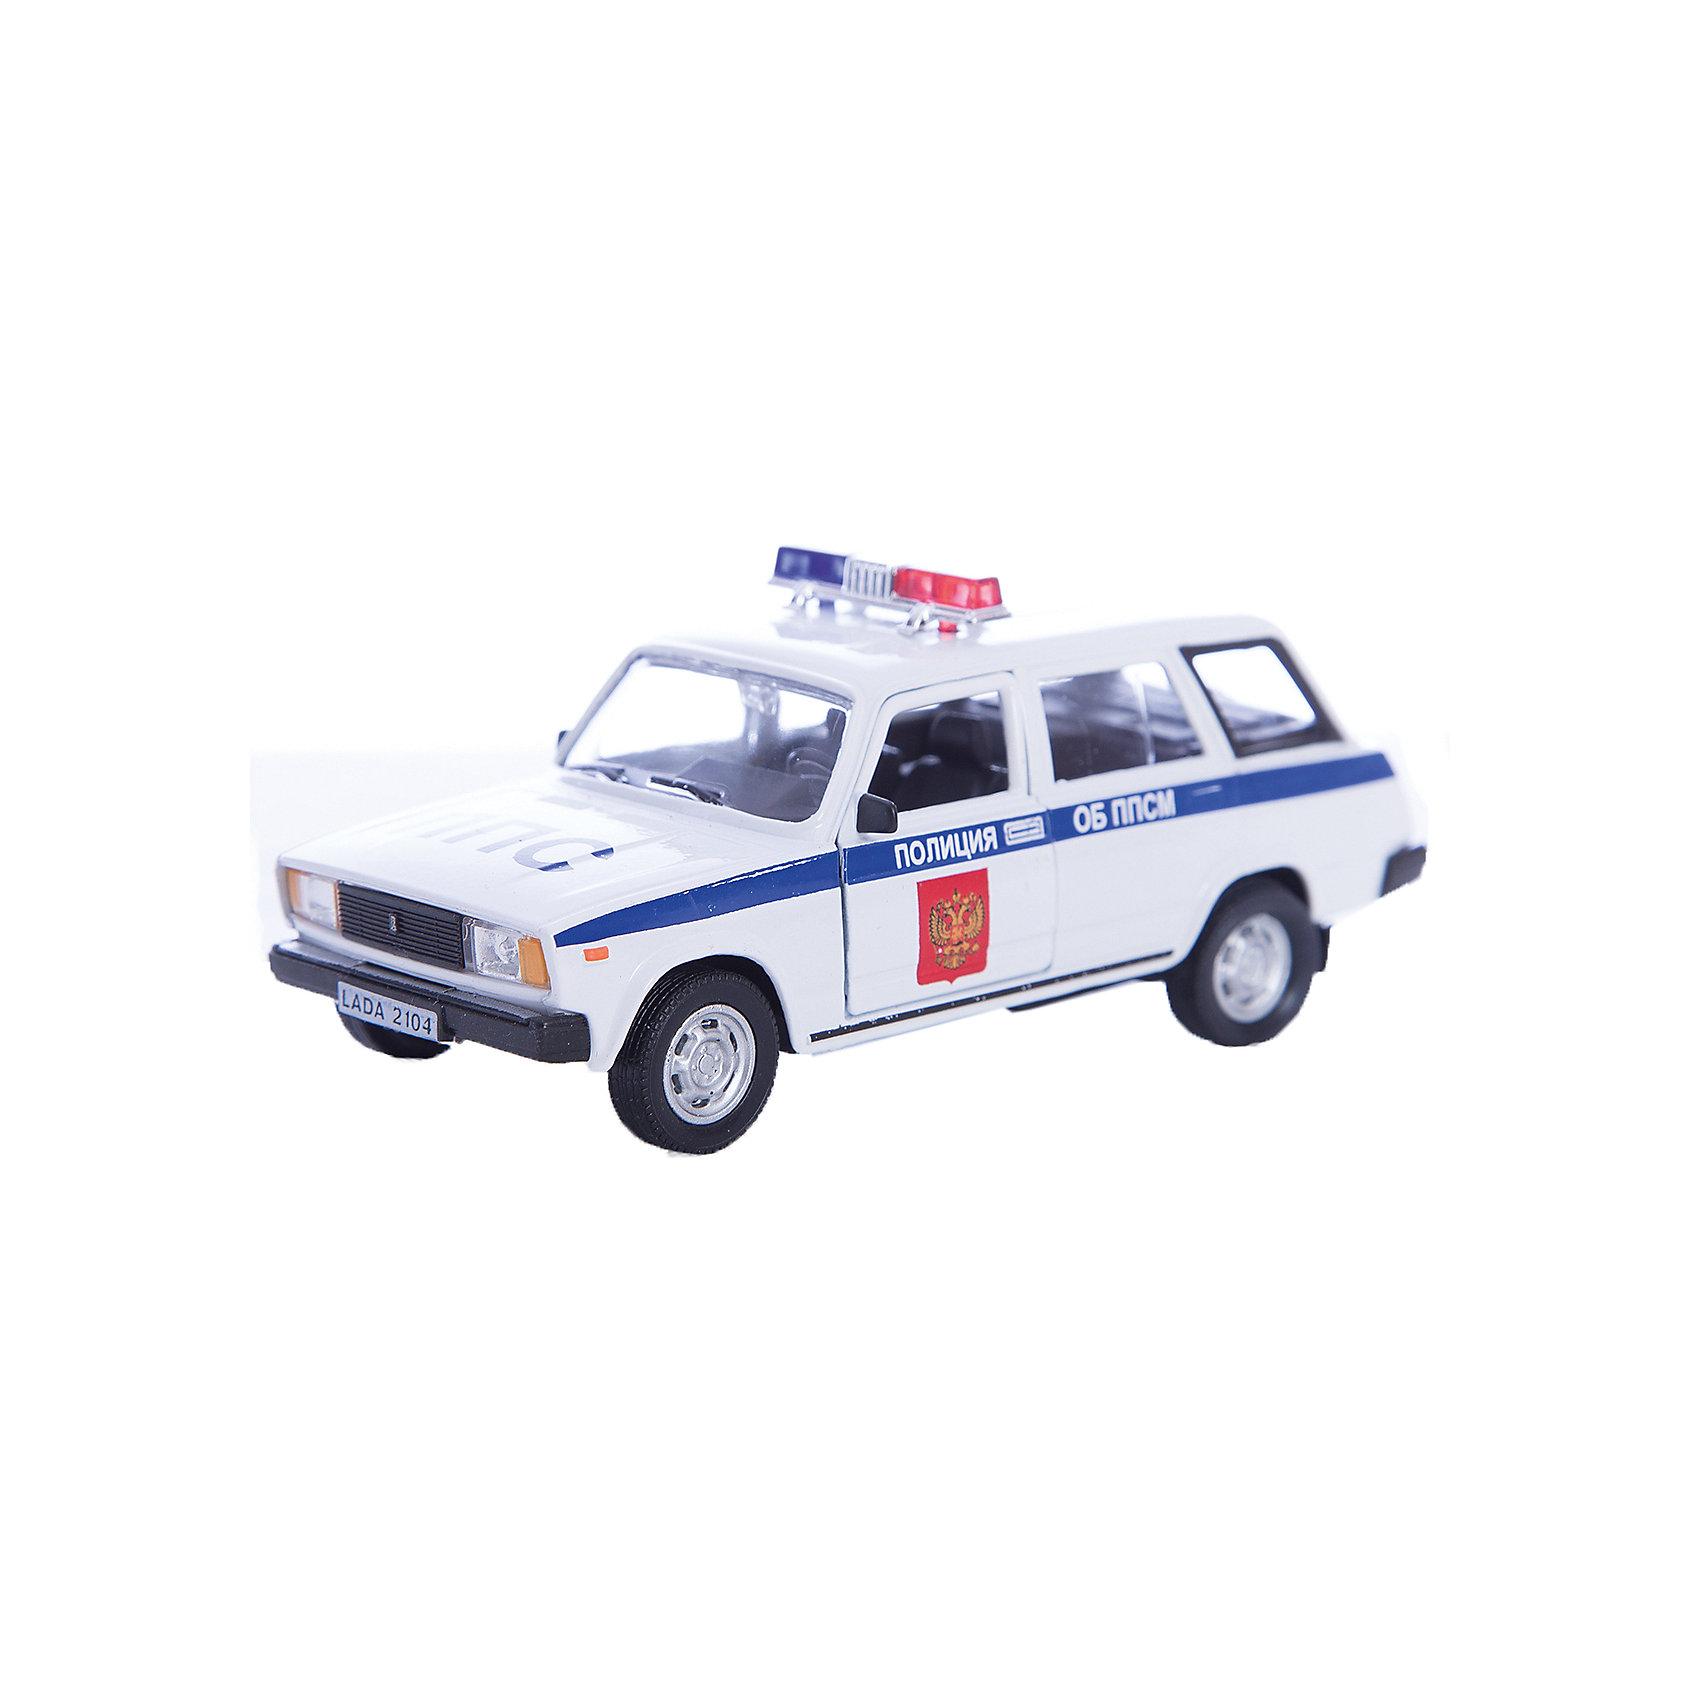 Машинка Lada 2104 полиция 1:36, AutotimeМашинки<br>Характеристики товара:<br><br>• цвет: разноцветный<br>• материал: металл, пластик<br>• размер: 16,5х7,х5,7 см<br>• вес: 100 г<br>• масштаб: 1:36<br>• прочный материал<br>• хорошая детализация<br>• открываются двери<br>• страна бренда: Россия<br>• страна производства: Китай<br><br>Коллекционная машинка LADA 2104 полиция от бренда AUTOTIME станет отличным подарком для мальчика. Подробная детализация машинки порадует увлеченного коллекционера, а открывающиеся двери и свободно вращающиеся колеса придутся по душе юному владельцу игрушечного гаража. Эта игрушка подарит восторг и радость вашему ребенку. <br>Игрушка также воздействует на наглядно-образное мышление, логическое мышление, развивает мелкую моторику. Изделие выполнено из сертифицированных материалов, безопасных для детей.<br><br>Машинку «Lada 2104» полиция от бренда AUTOTIME можно купить в нашем интернет-магазине.<br><br>Ширина мм: 165<br>Глубина мм: 57<br>Высота мм: 75<br>Вес г: 13<br>Возраст от месяцев: 36<br>Возраст до месяцев: 2147483647<br>Пол: Мужской<br>Возраст: Детский<br>SKU: 5583946